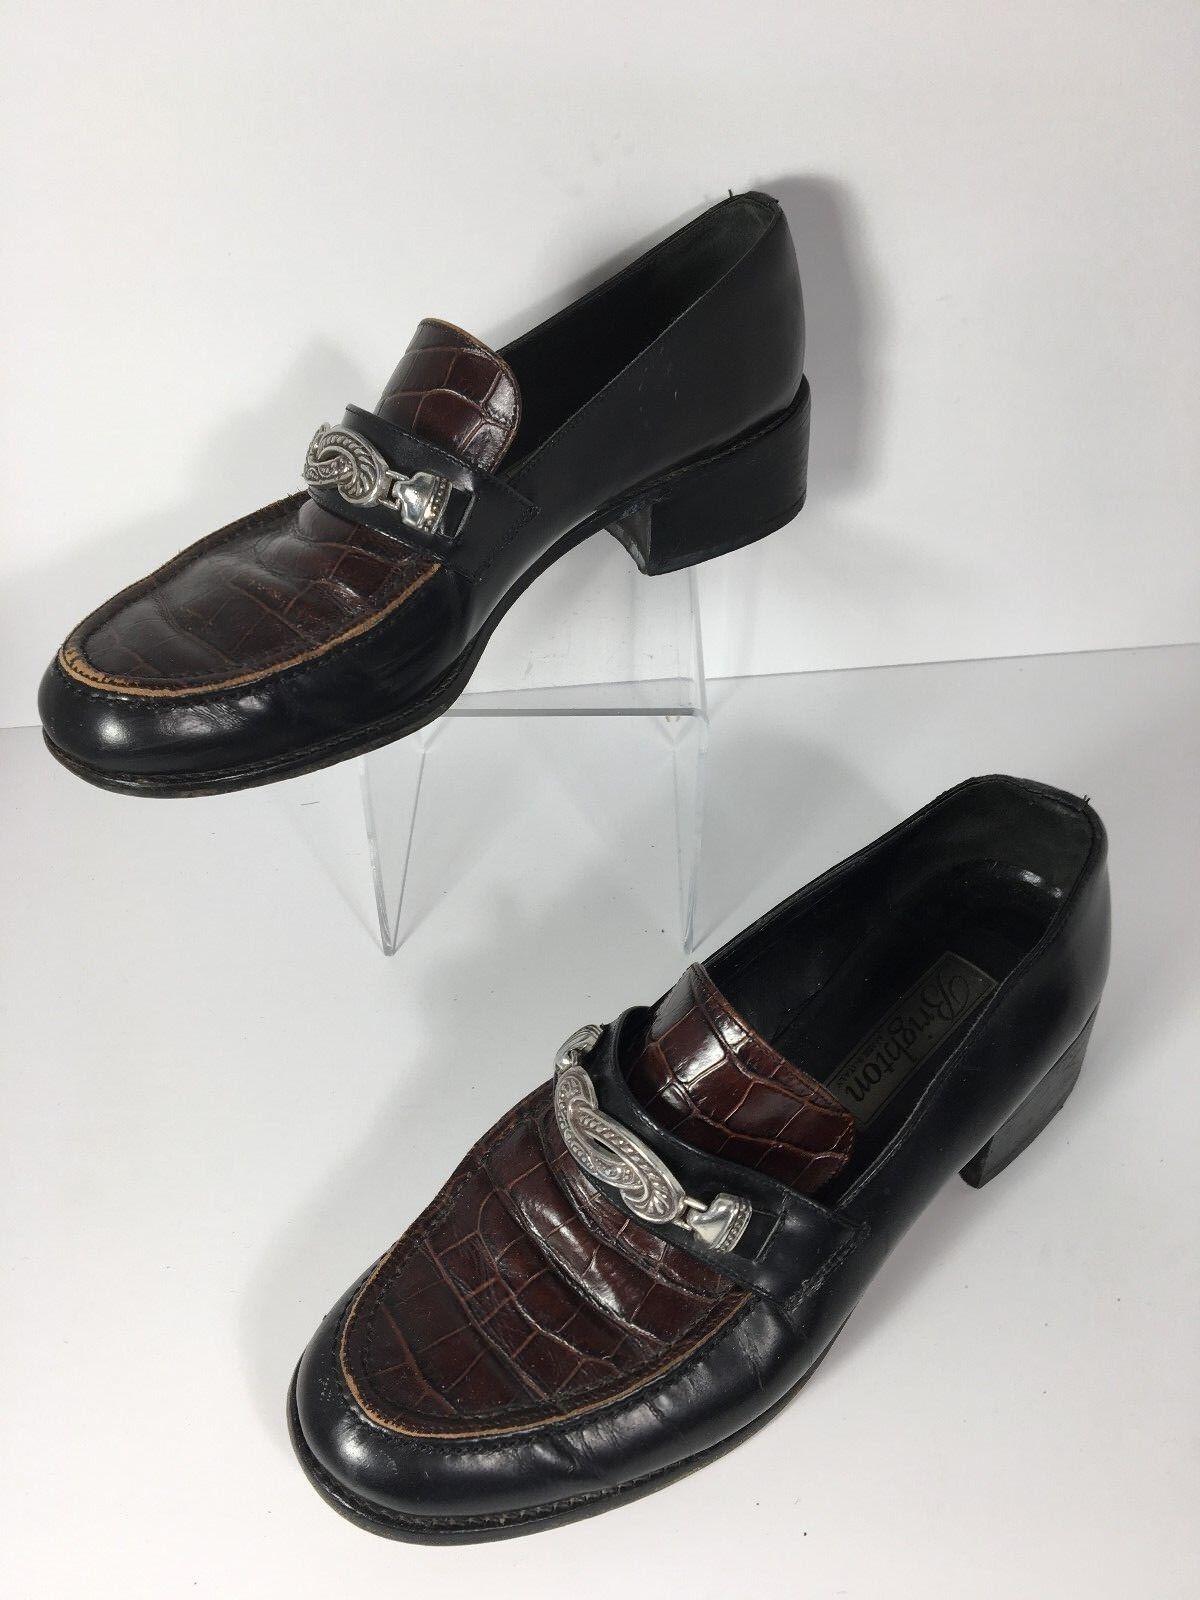 Vintage Brighton Brighton Brighton Sofia Mujer Mocasines Zapatos Talla 8.5 M Cuero Hecho en Italia  venta